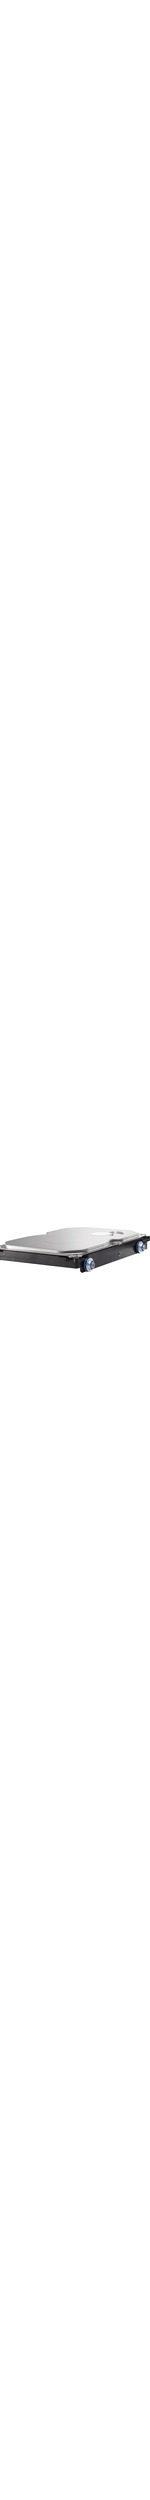 HPE 1 TB Hard Drive - 2.5And#34; Internal - SATA SATA/600 - 7200rpm - 1 Year Warranty